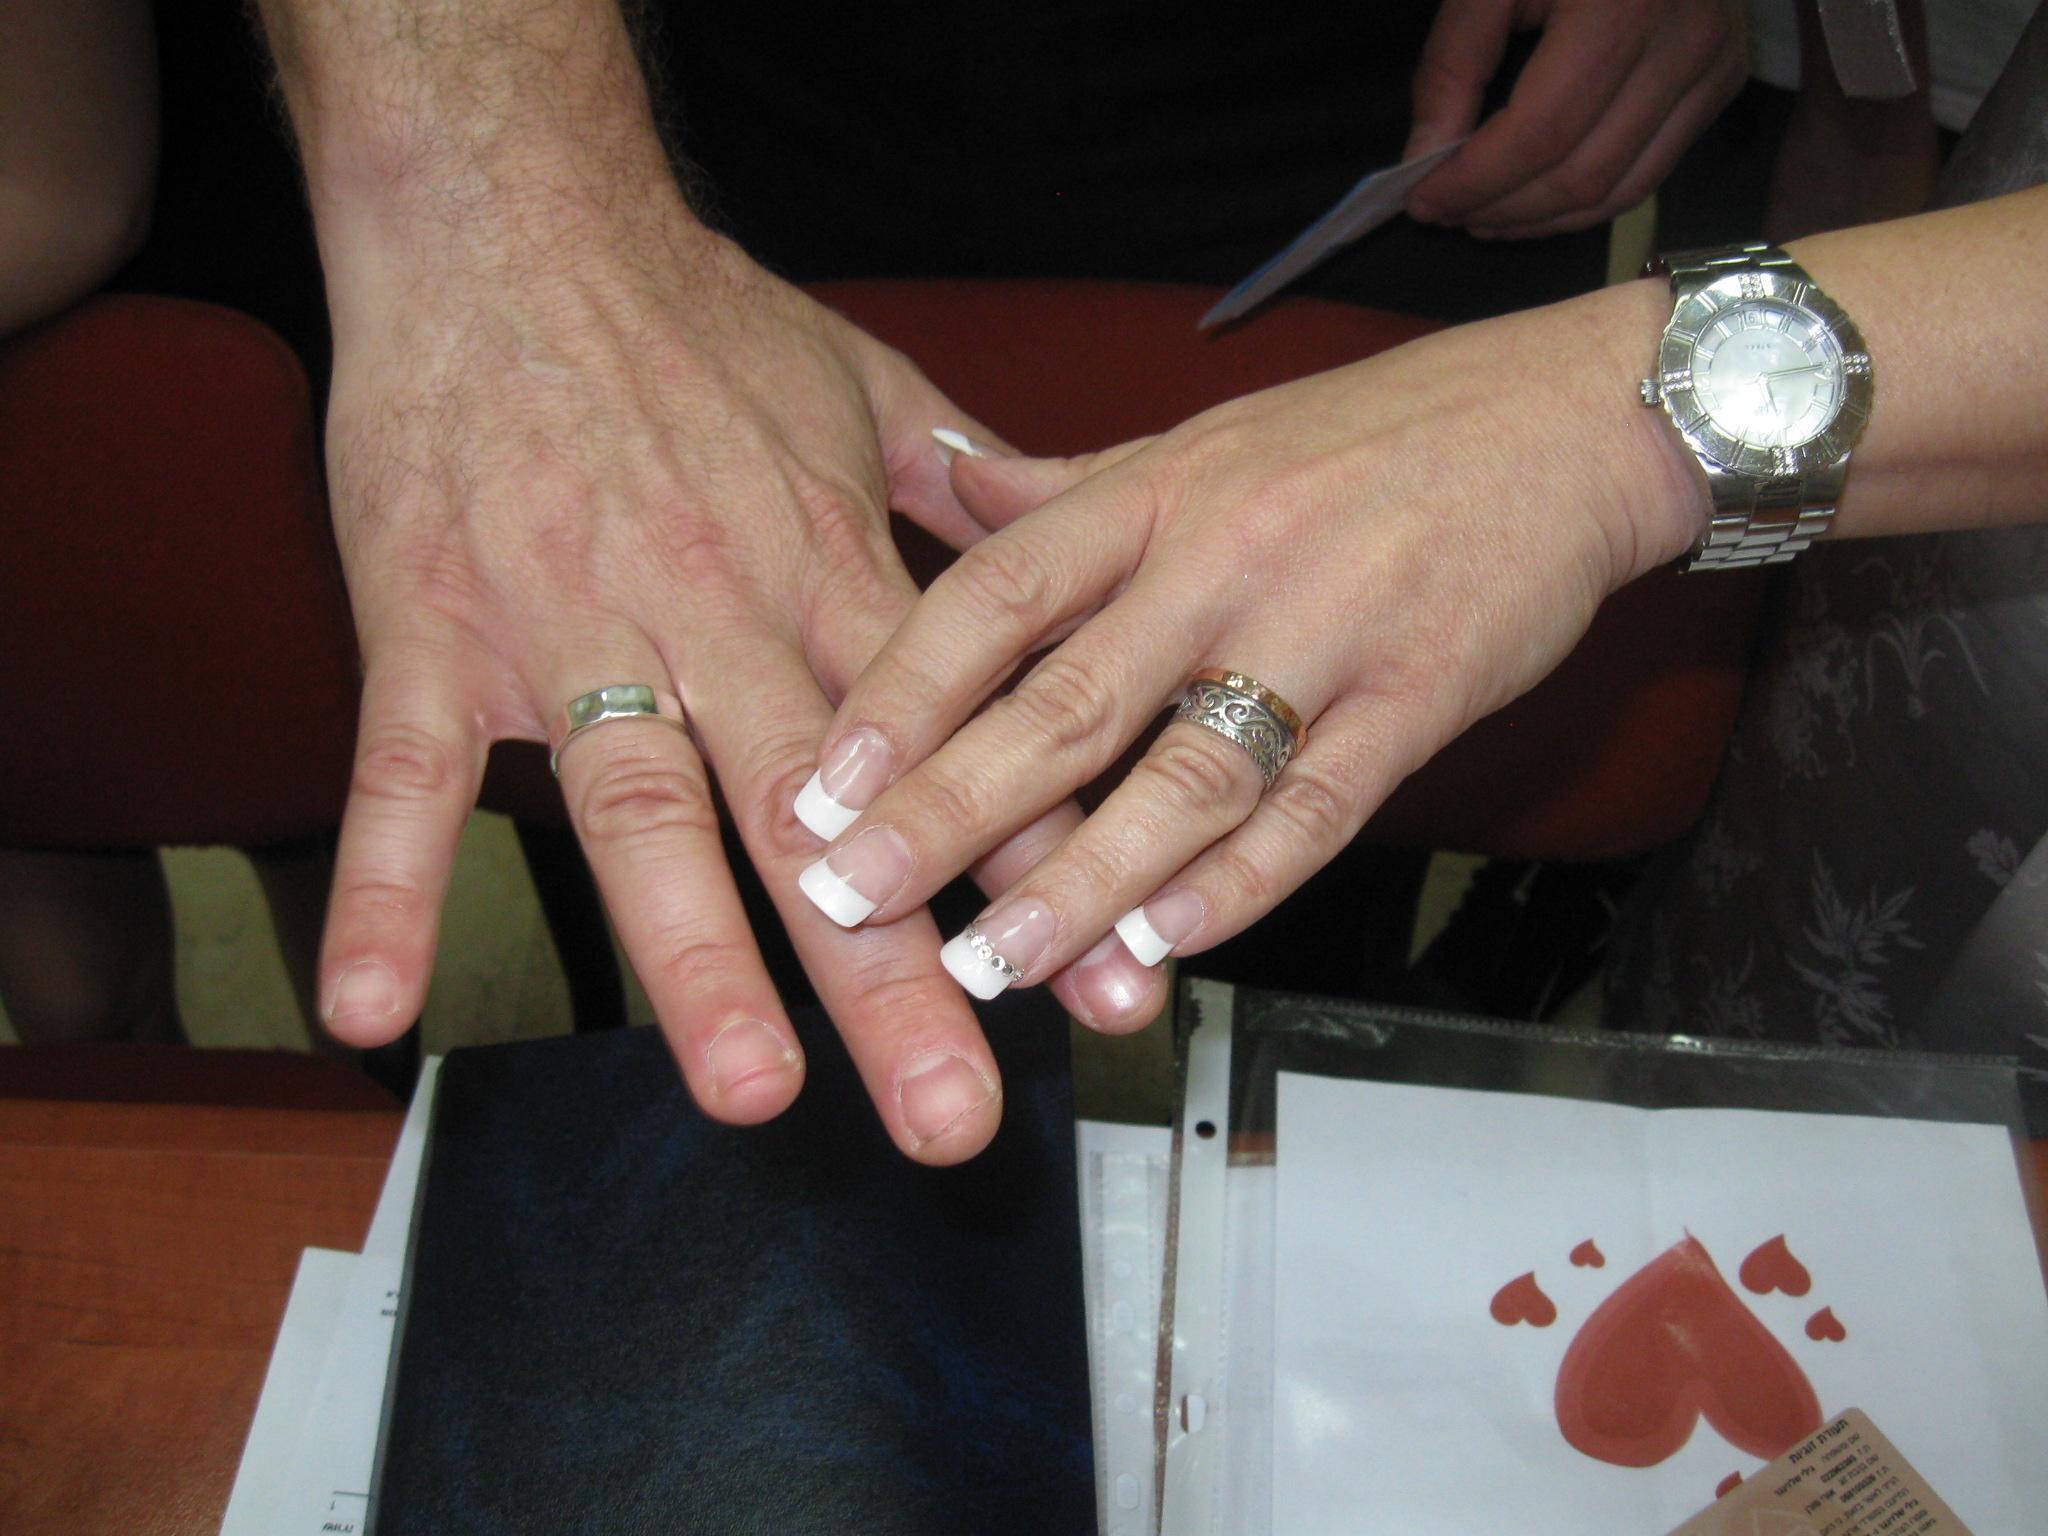 חתונת בזק - מיני טקס אזרחי - חתונה חילונית